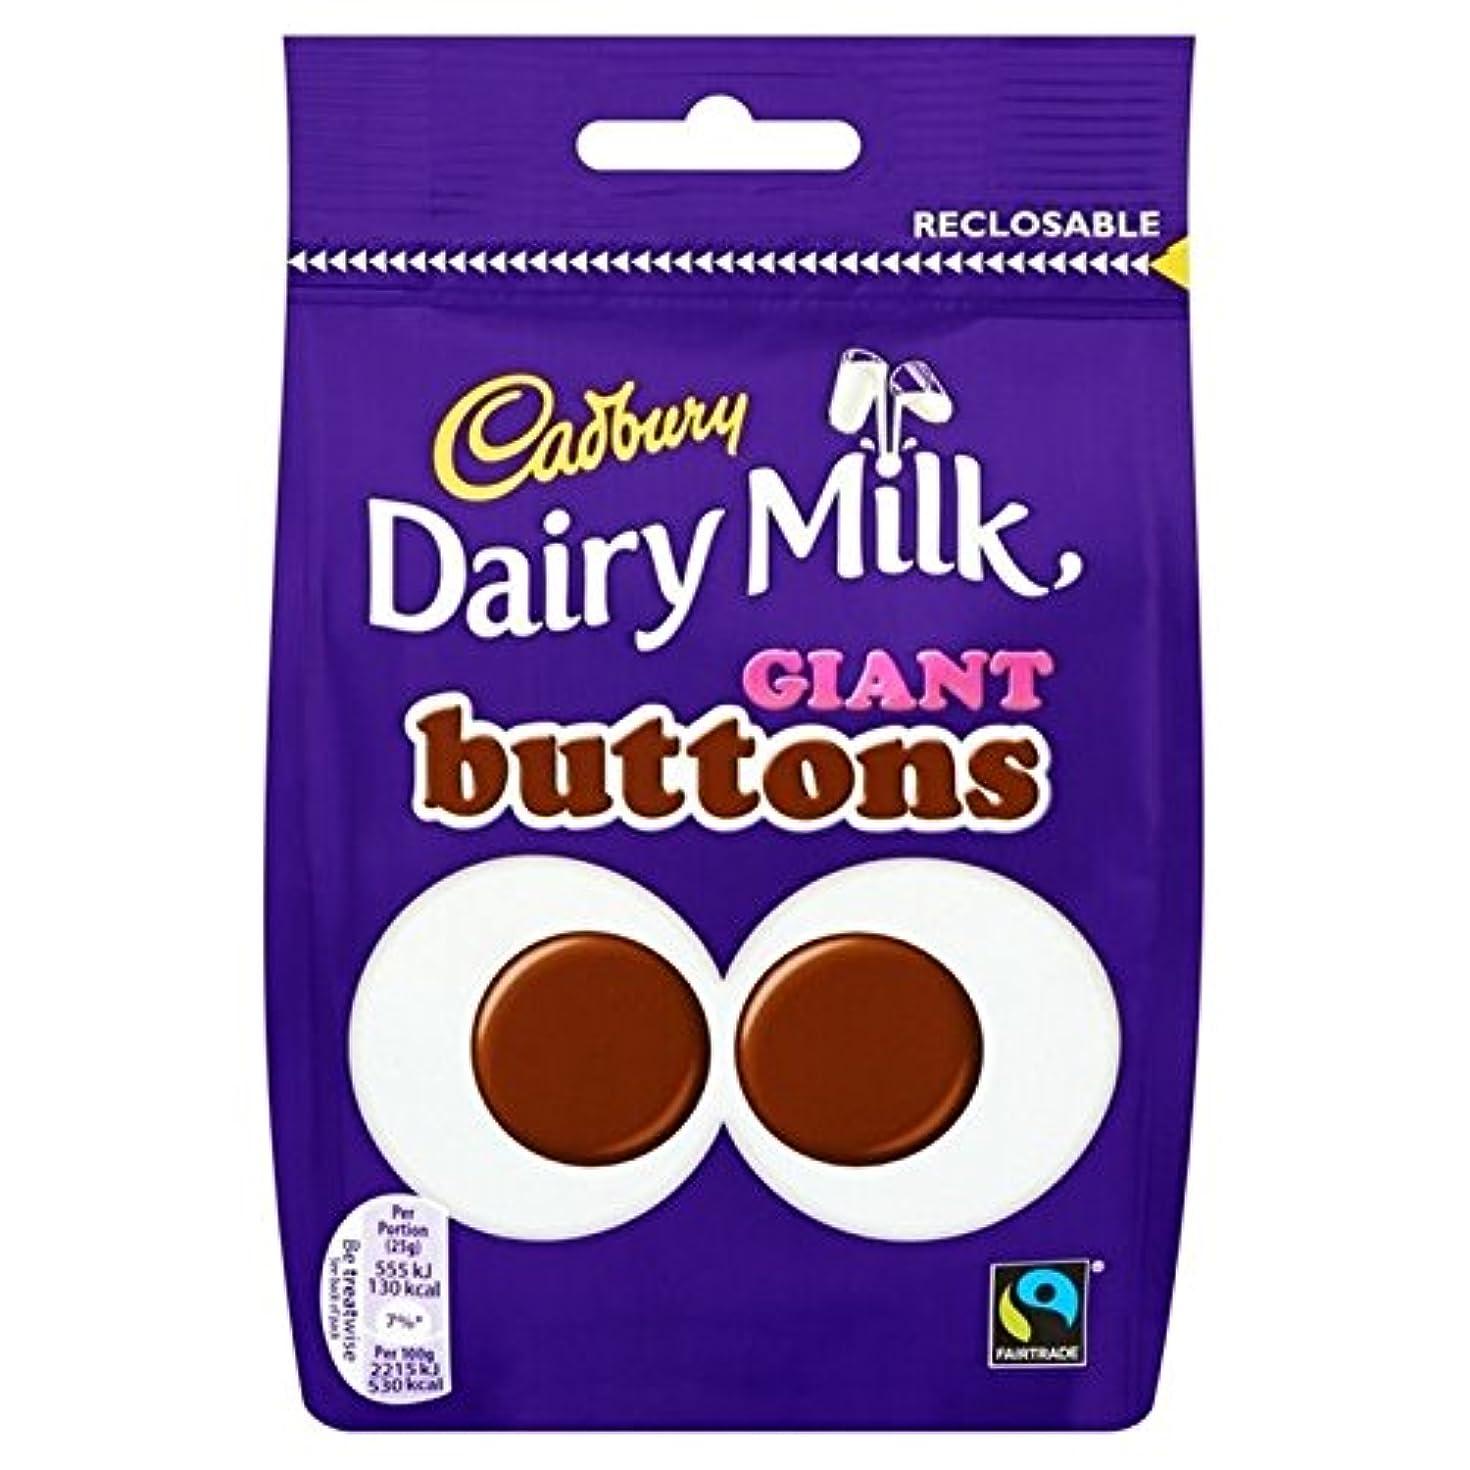 持っているパノラマ変更キャドバリー巨大なボタン119グラム (x 4) - Cadbury Giant Buttons 119g (Pack of 4) [並行輸入品]